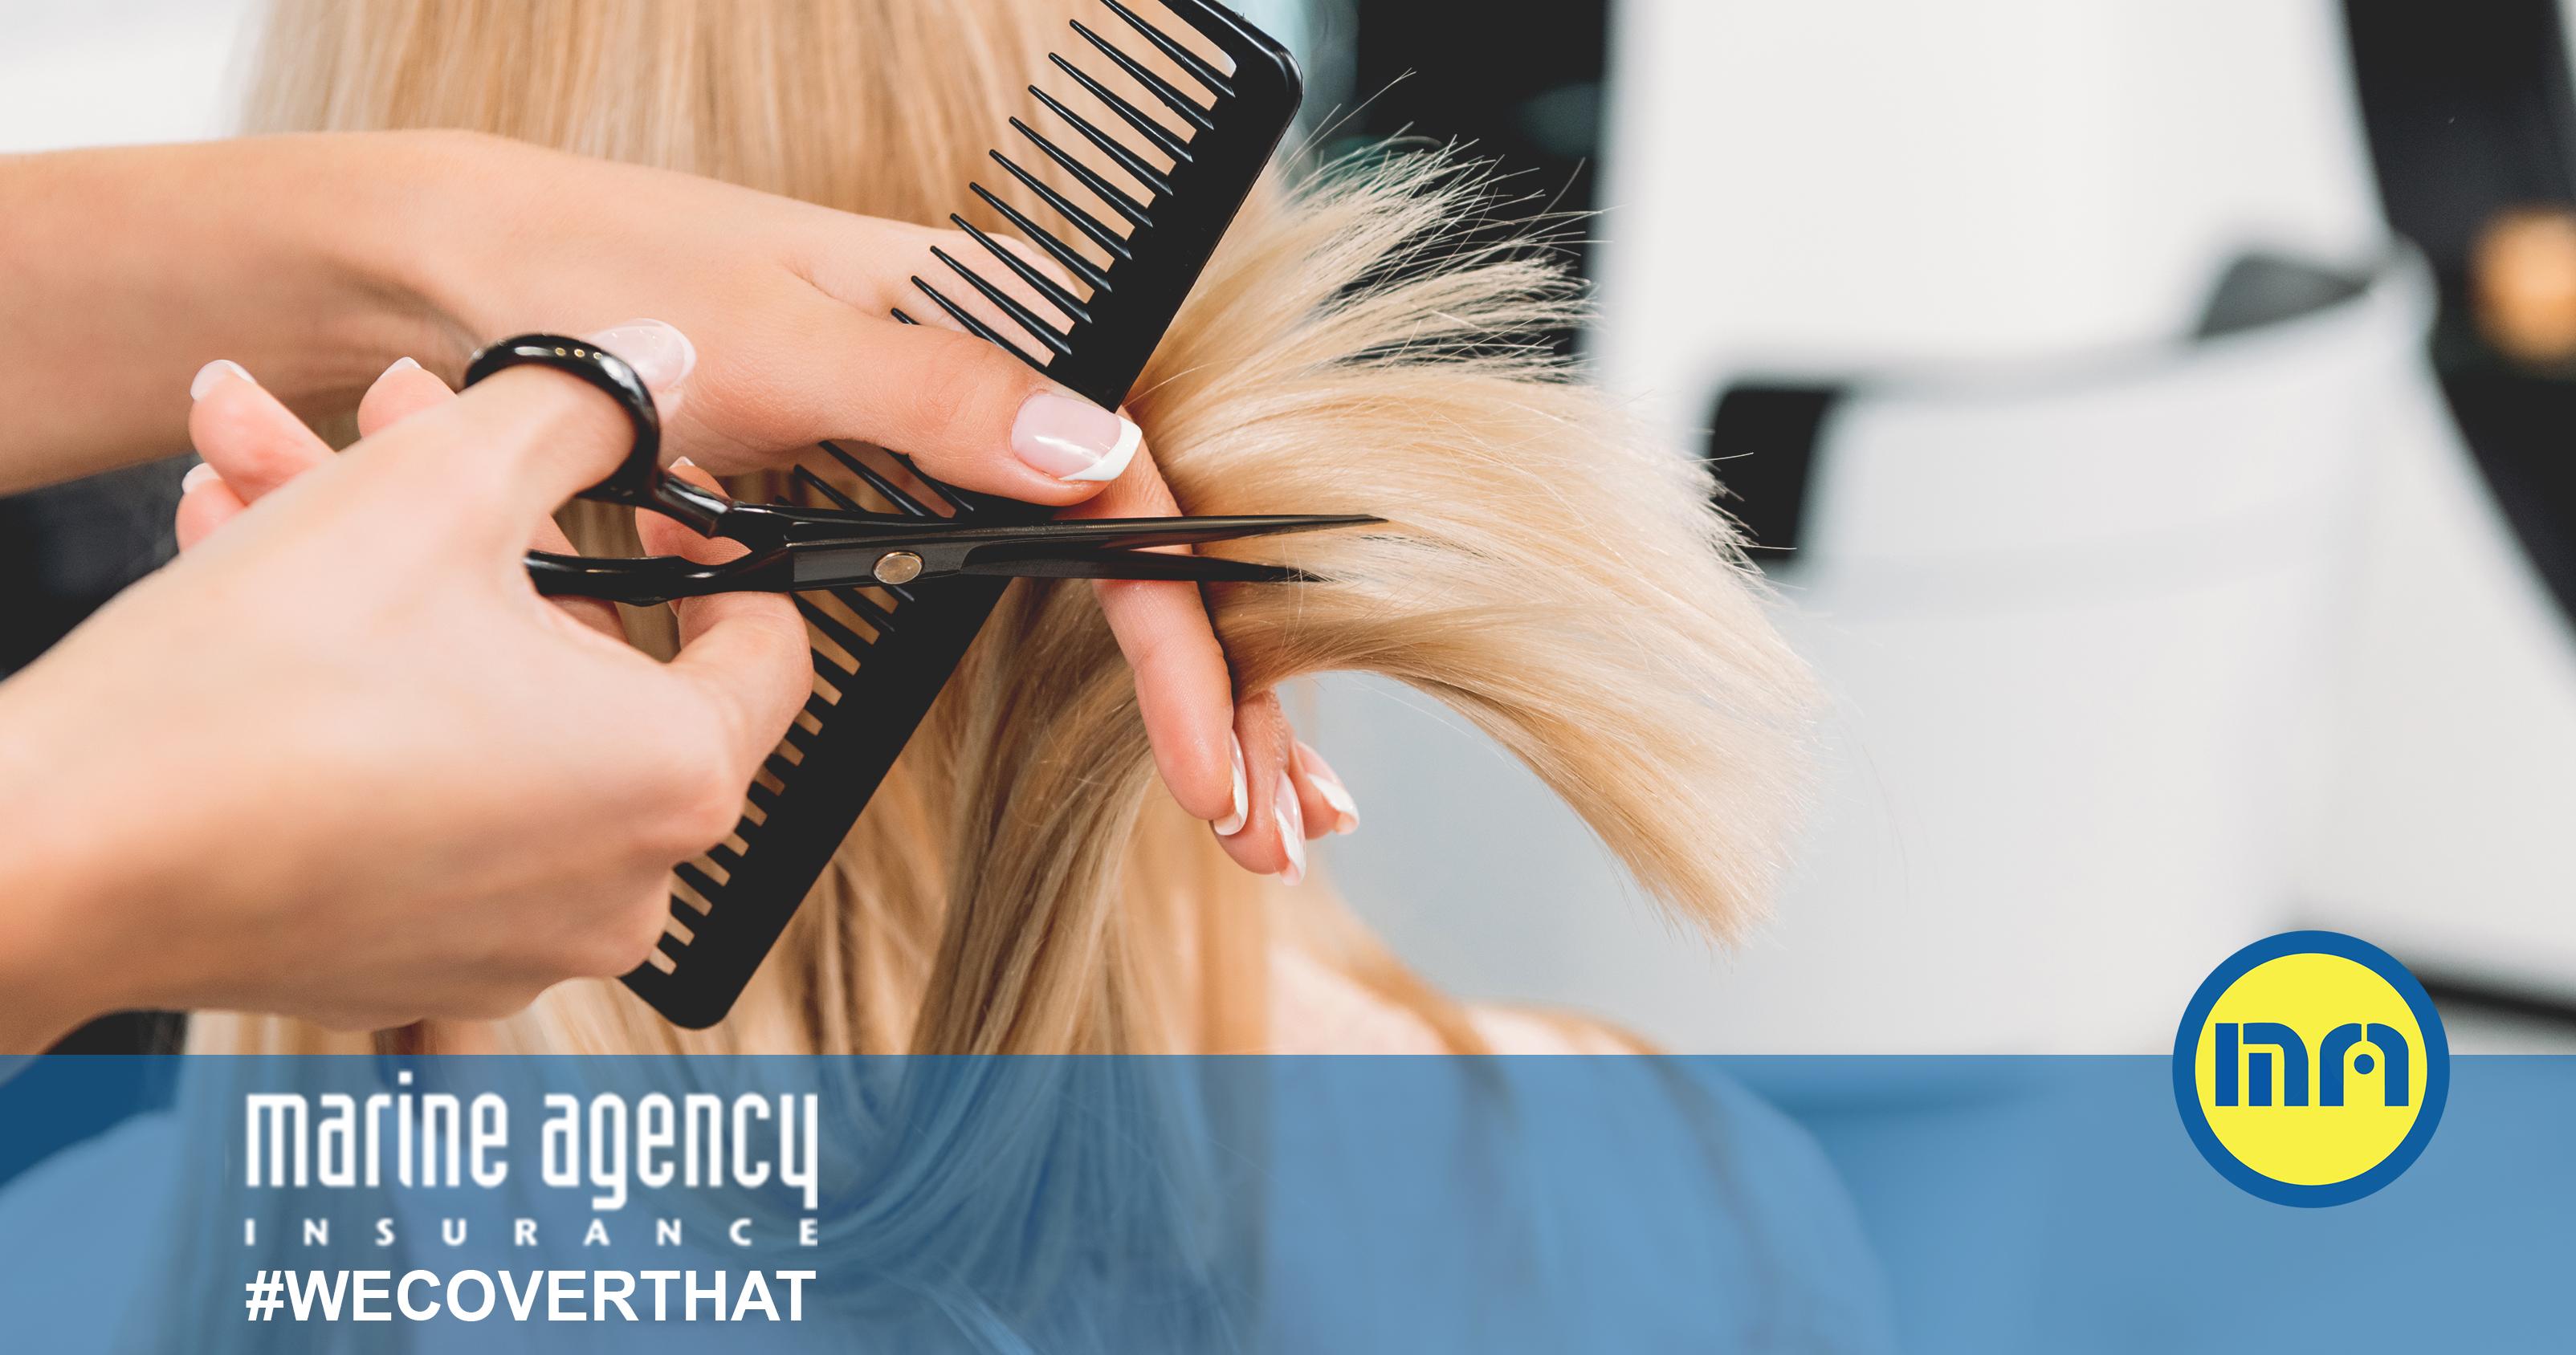 Lawsuit against a hair salon